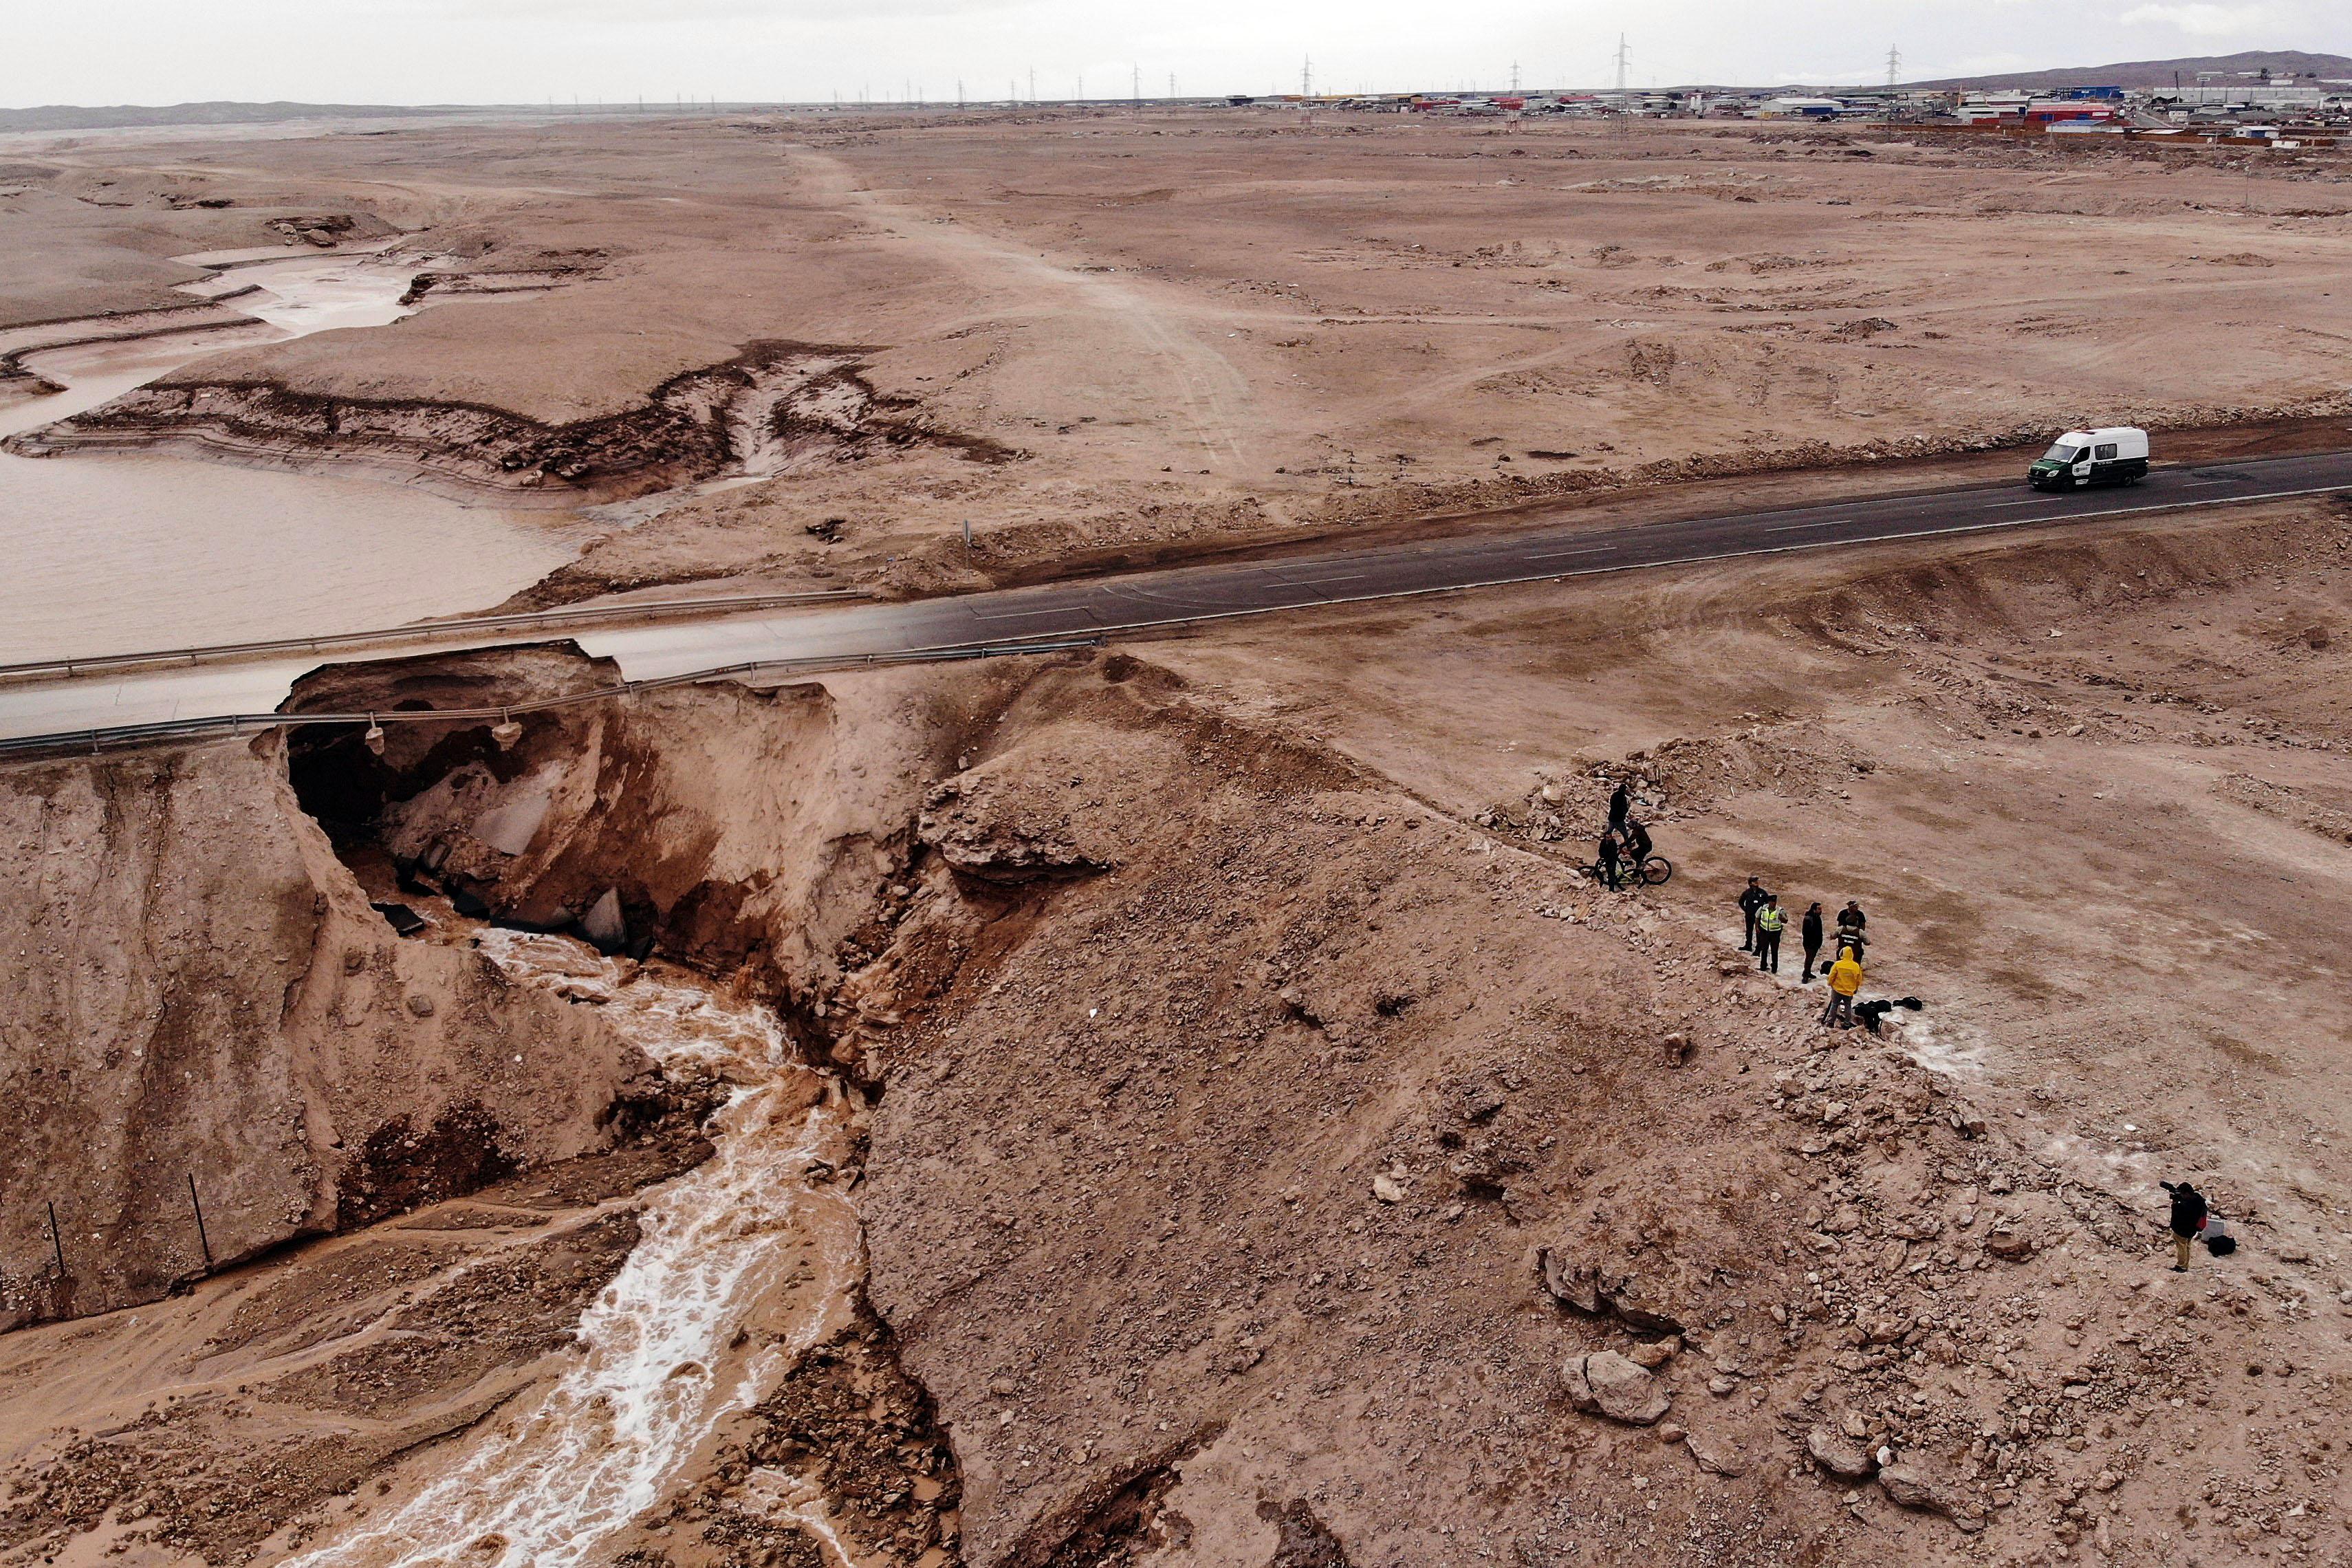 氣候異常 世界最乾燥沙漠出現水災致6人死